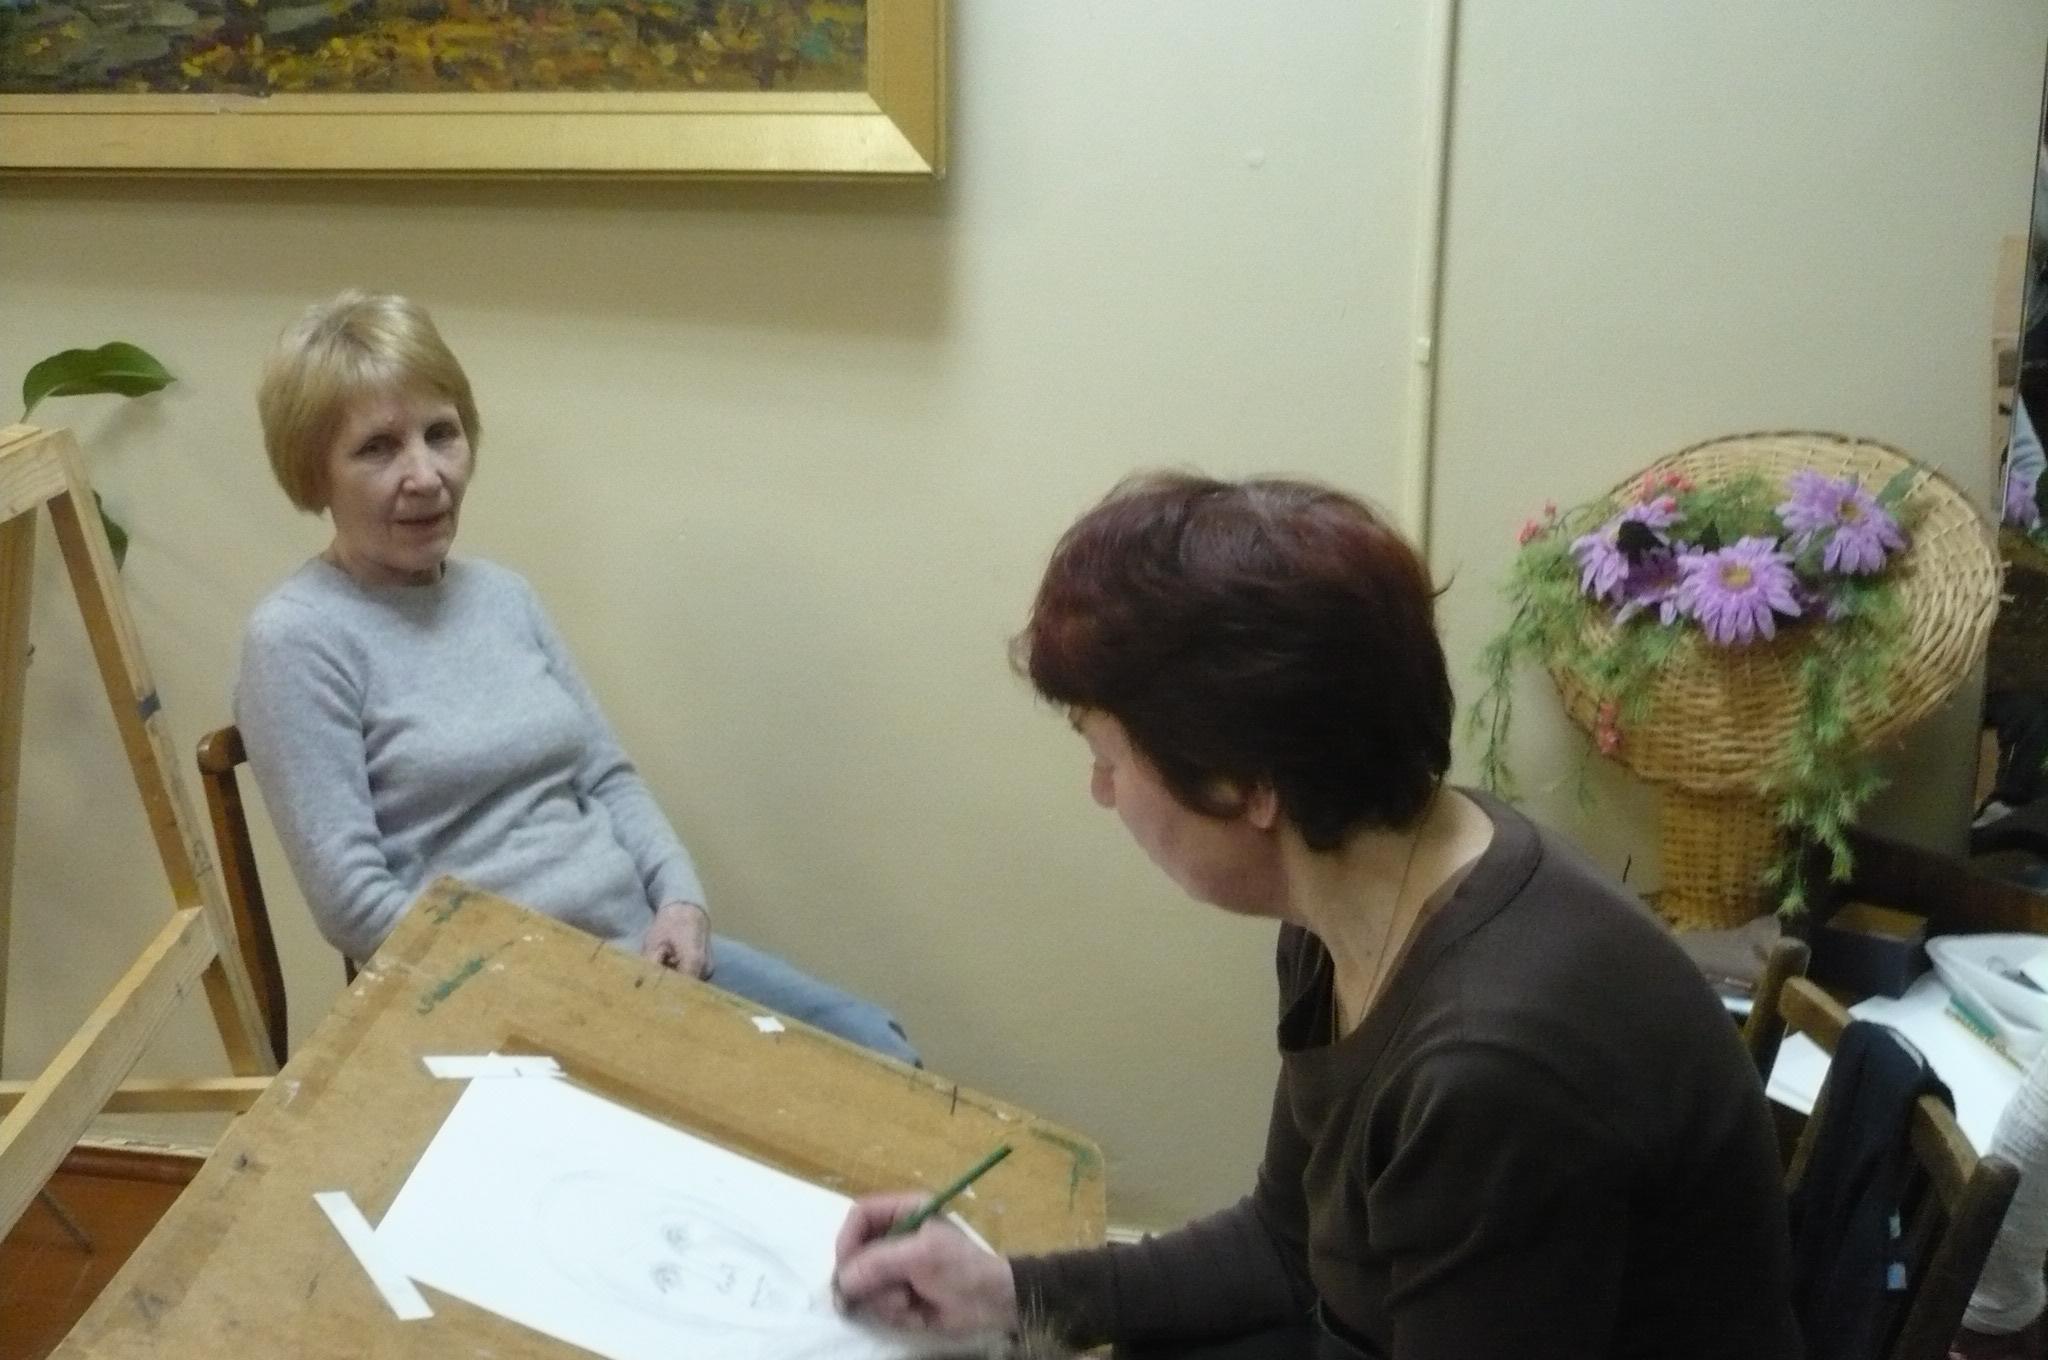 На арт-площадке «Портрет одним штрихом» художник Татьяна Редина рисовала всем желающим портреты.